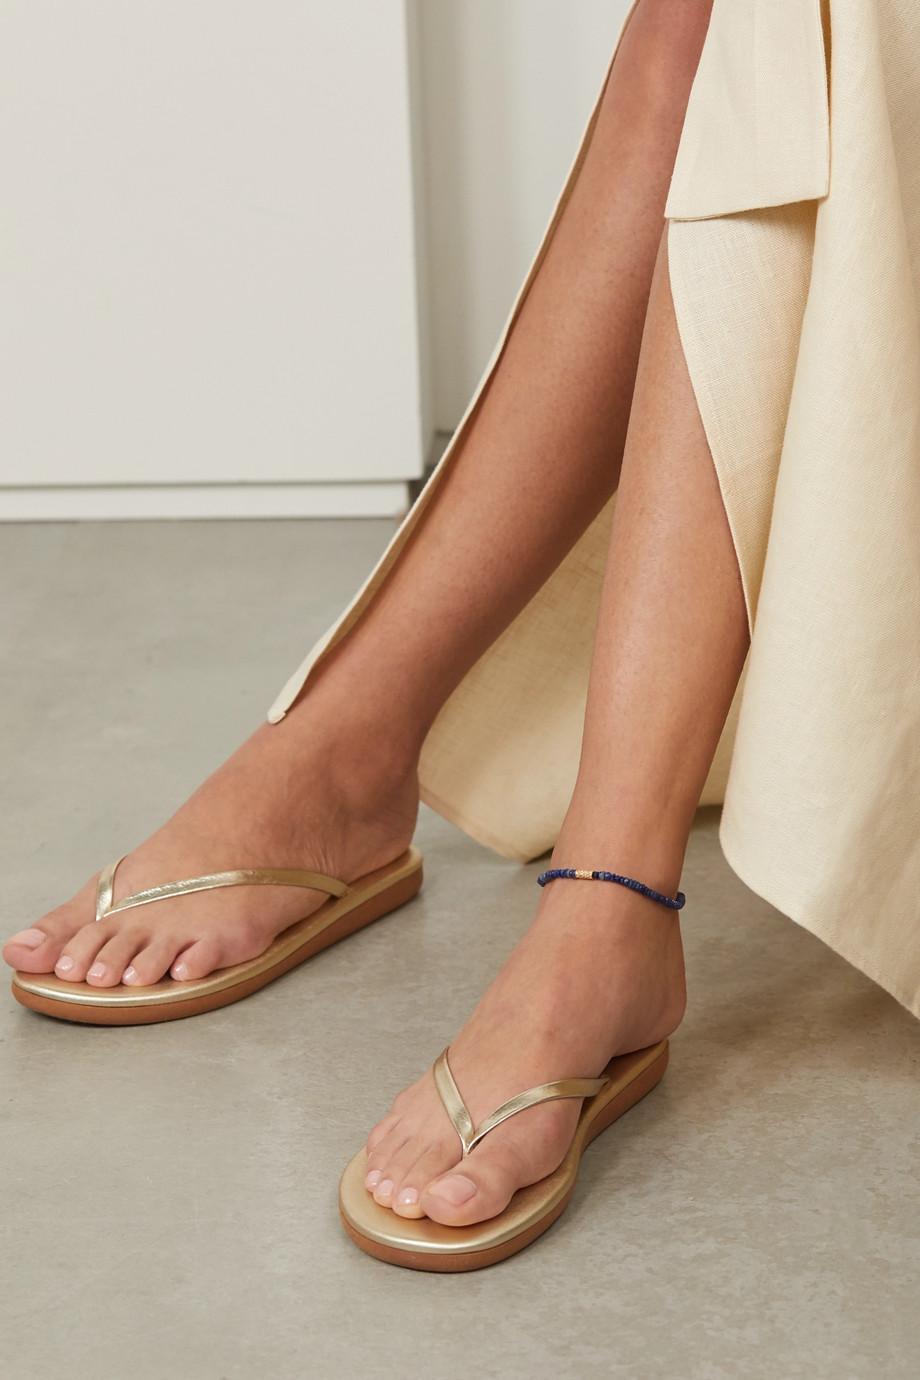 Jacquie Aiche 14-karat gold, lapis and diamond anklet